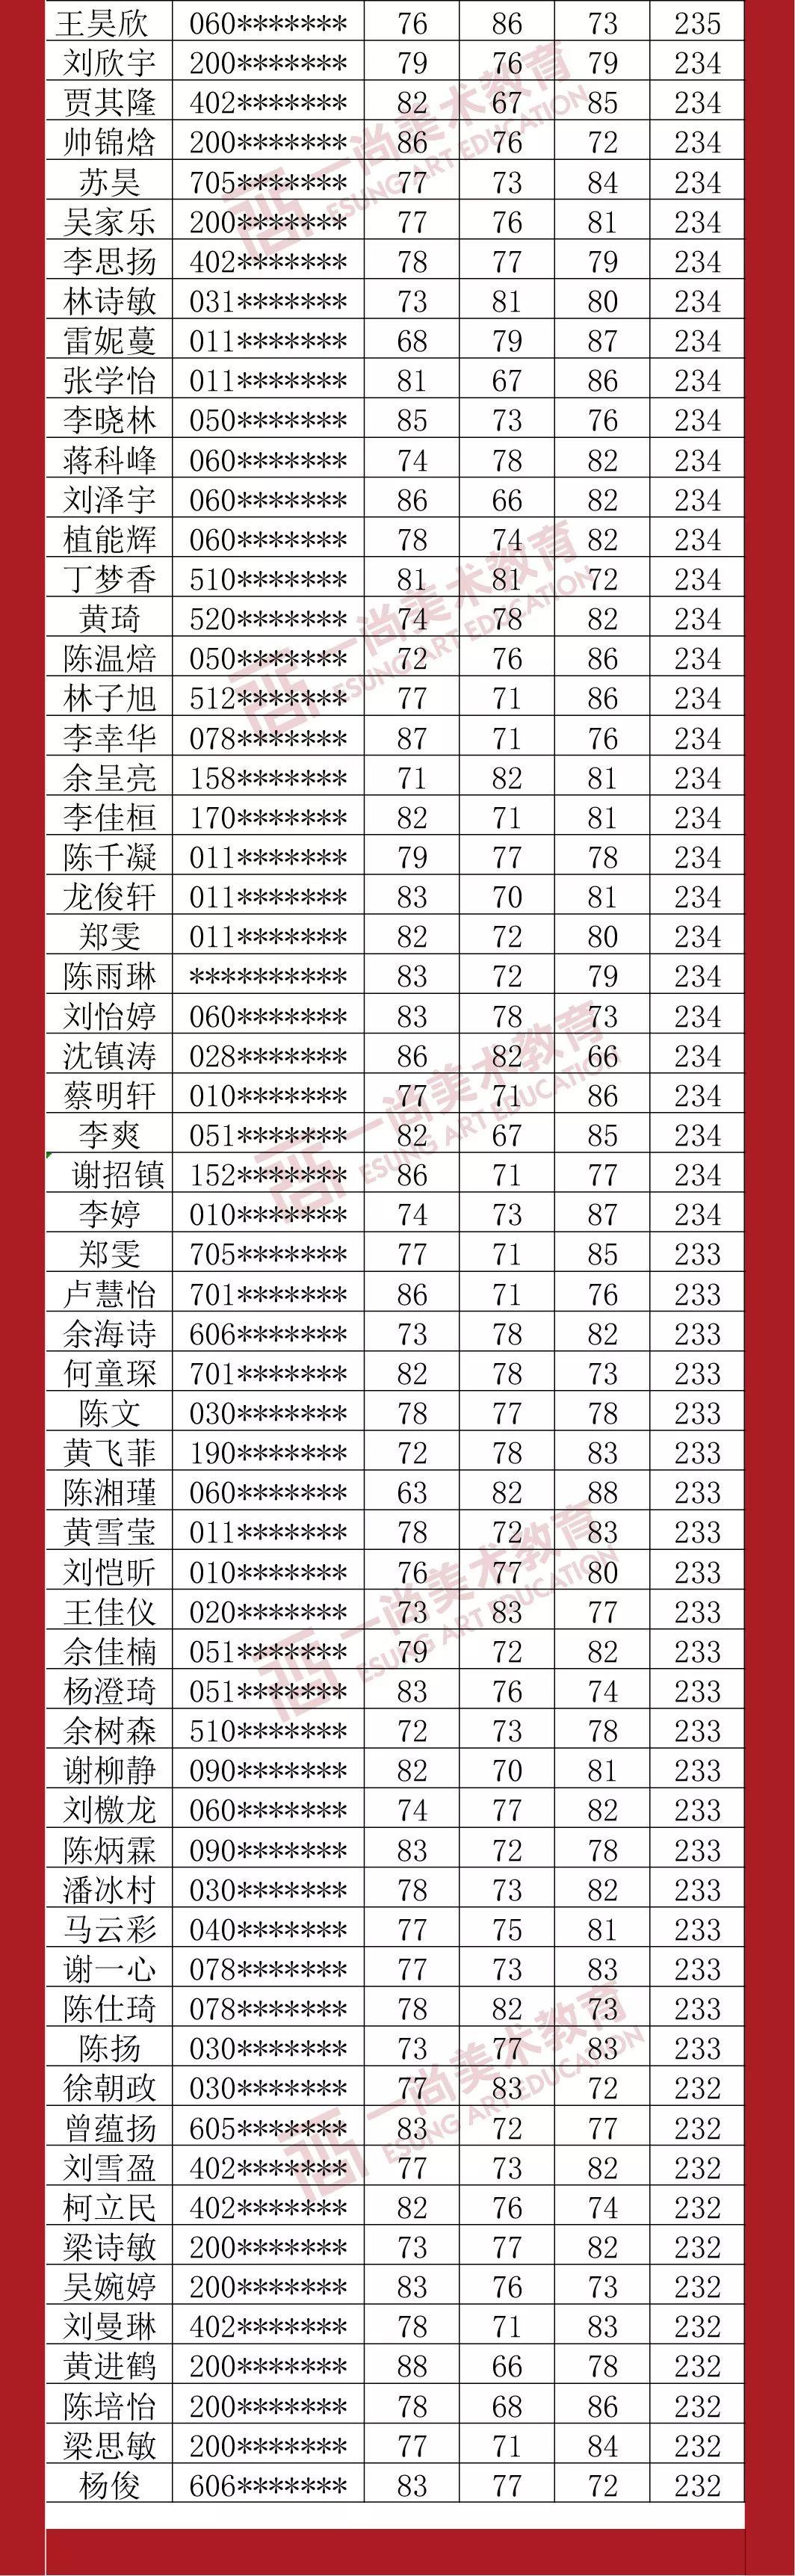 广州度岸画室,广东美术联考,广州美术培训         37